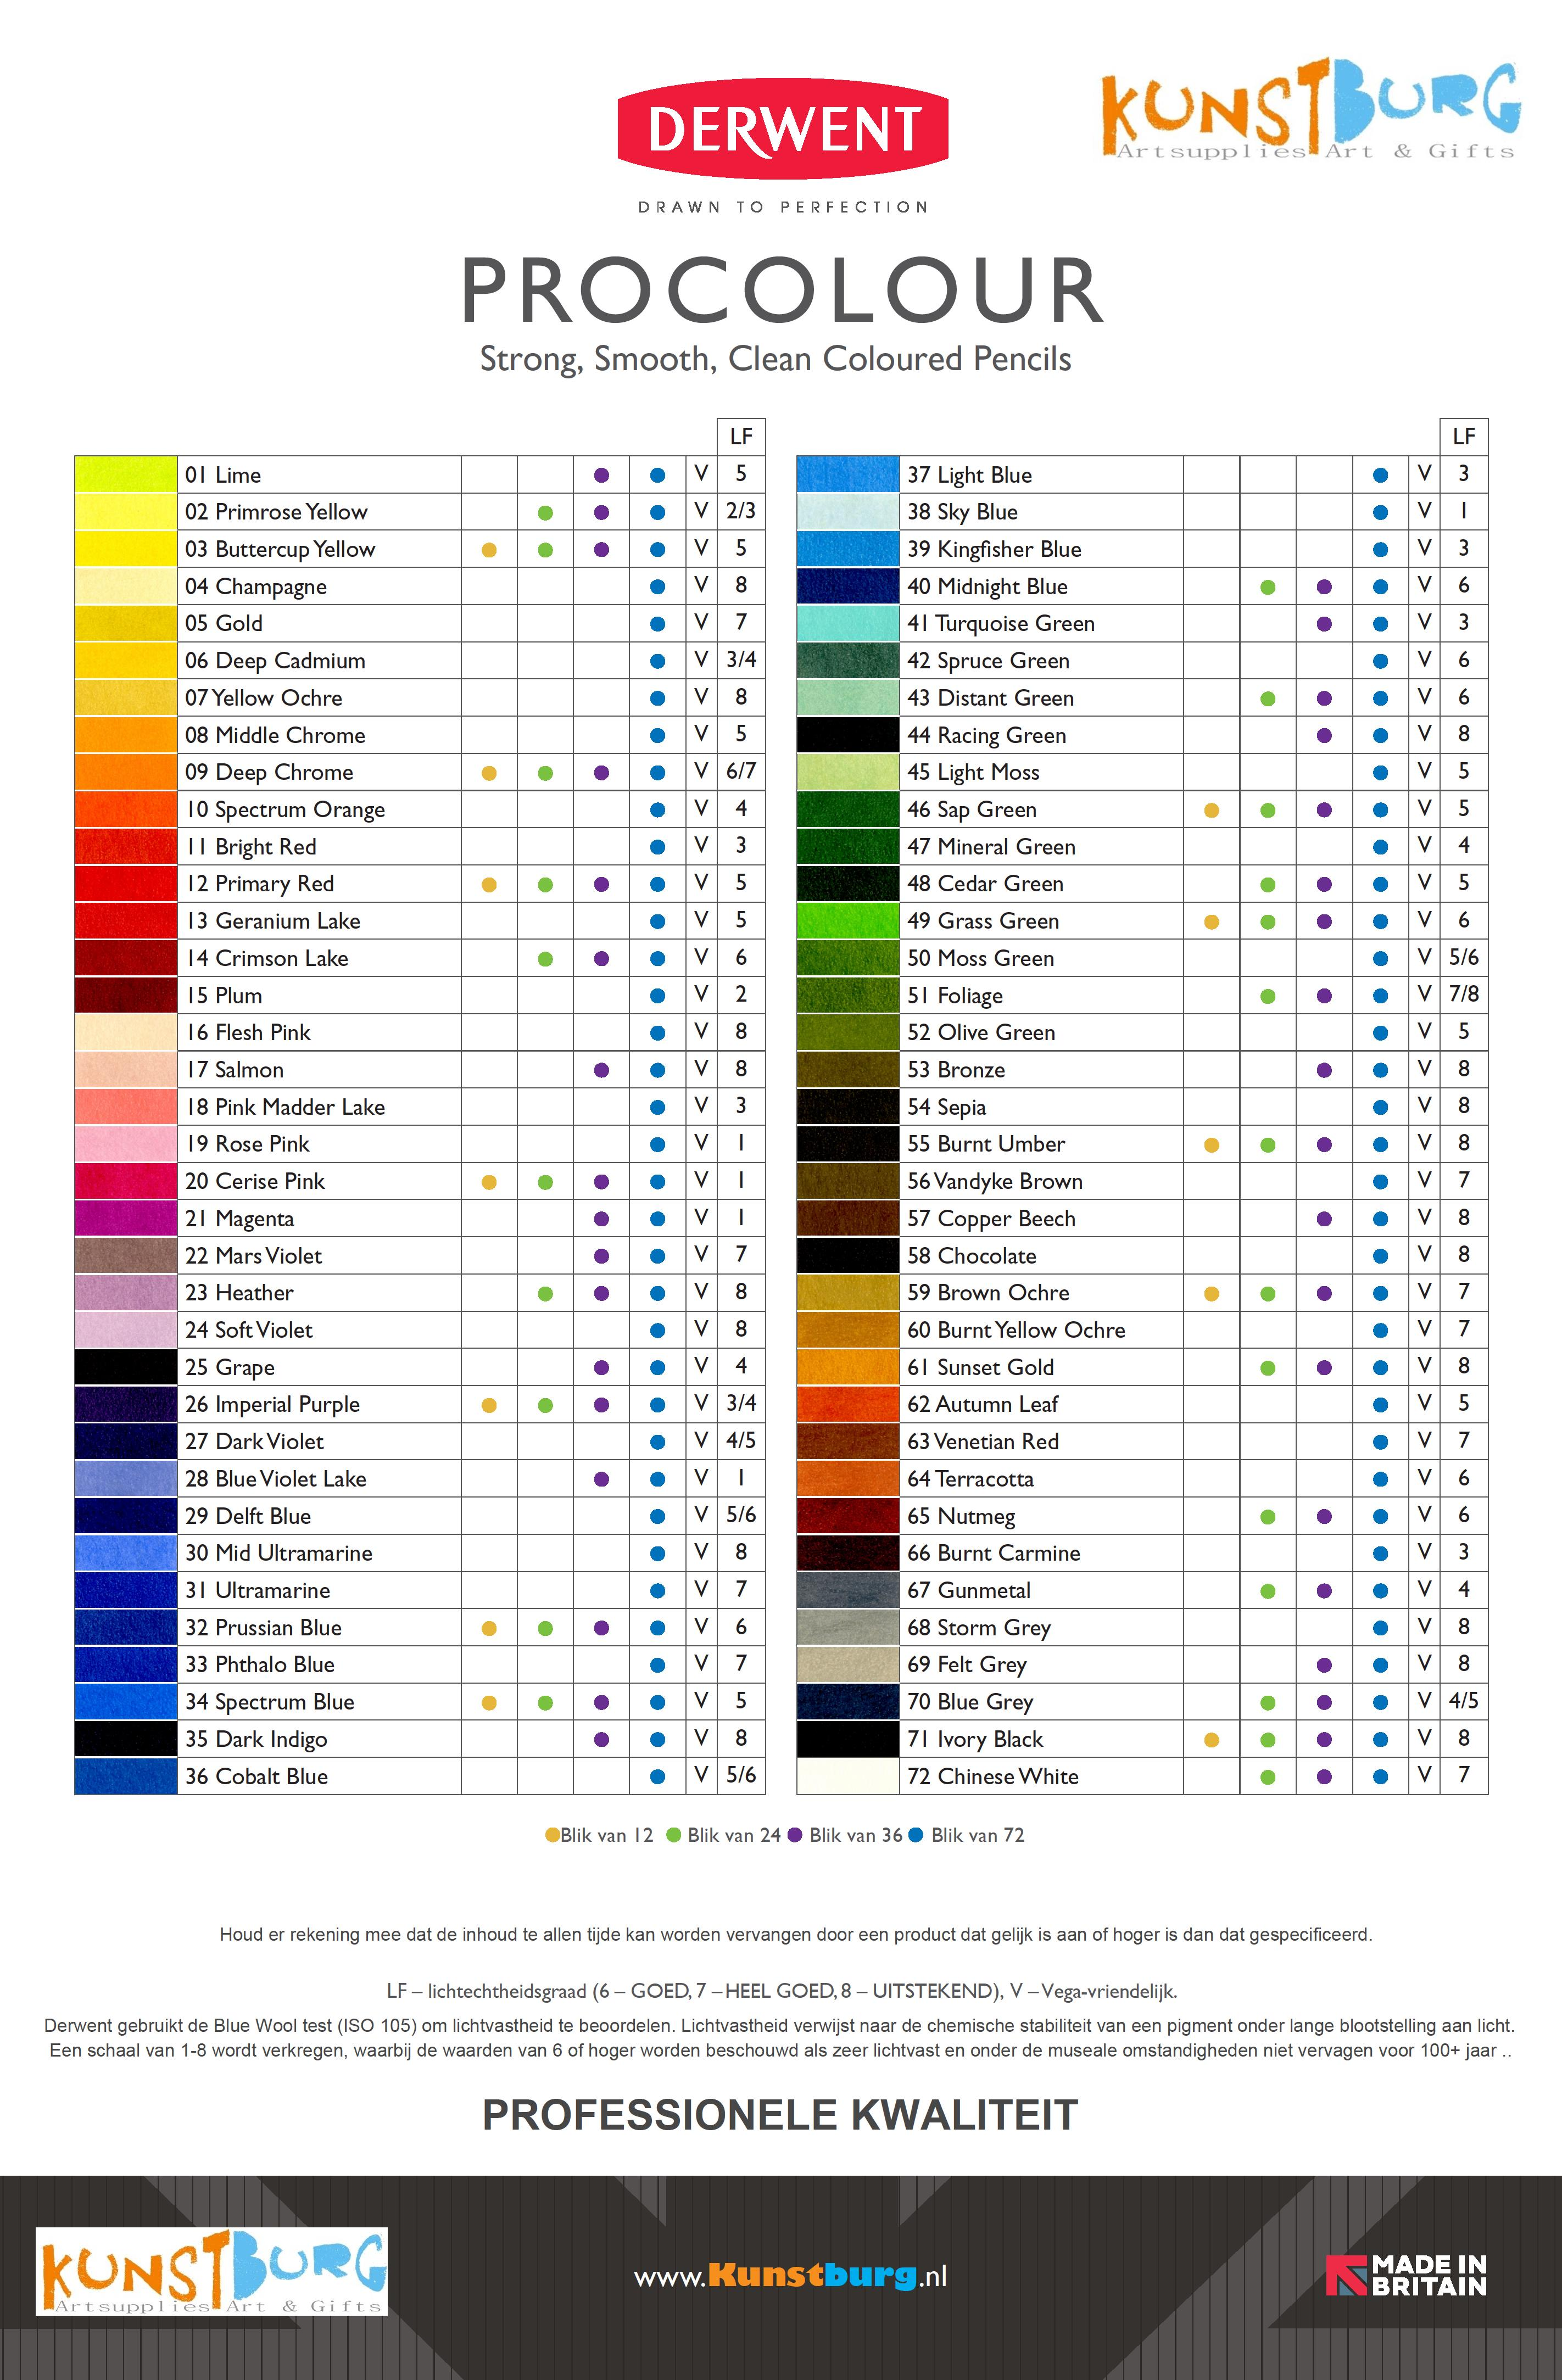 Kleurenkaart Procolour potloden van Derwent